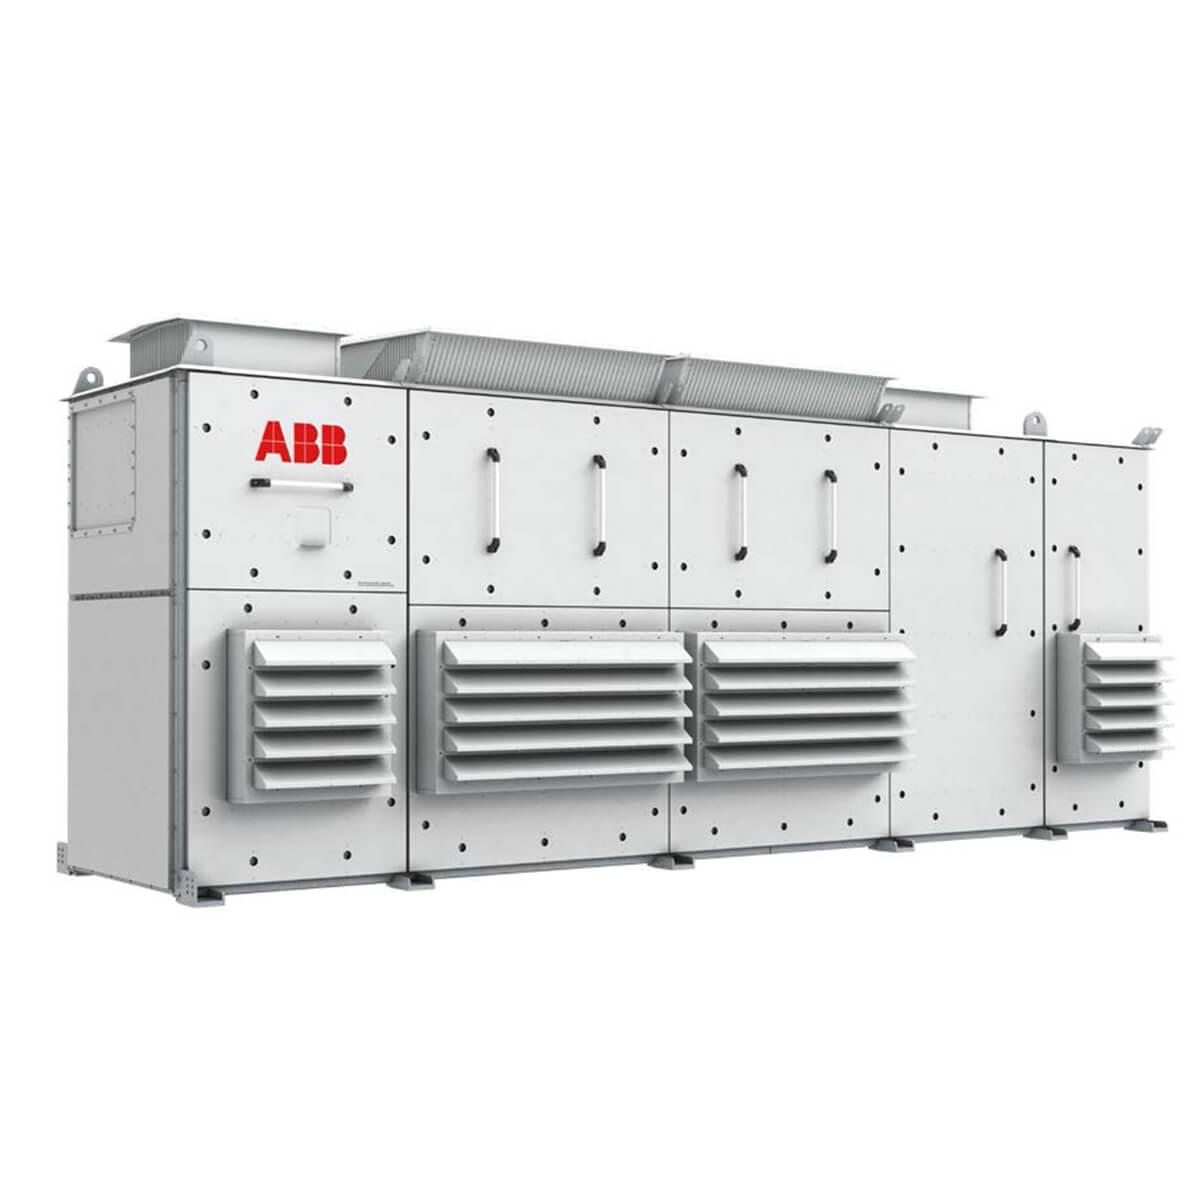 abb fimer 4782kW inverter, abb fimer pvs980-58 4782kW inverter, abb fimer pvs980-58-4.8-mva-4782kW-k inverter, abb fimer pvs980-58-4.8-mva-4782kW-k, abb fimer pvs980-58 4782 kW